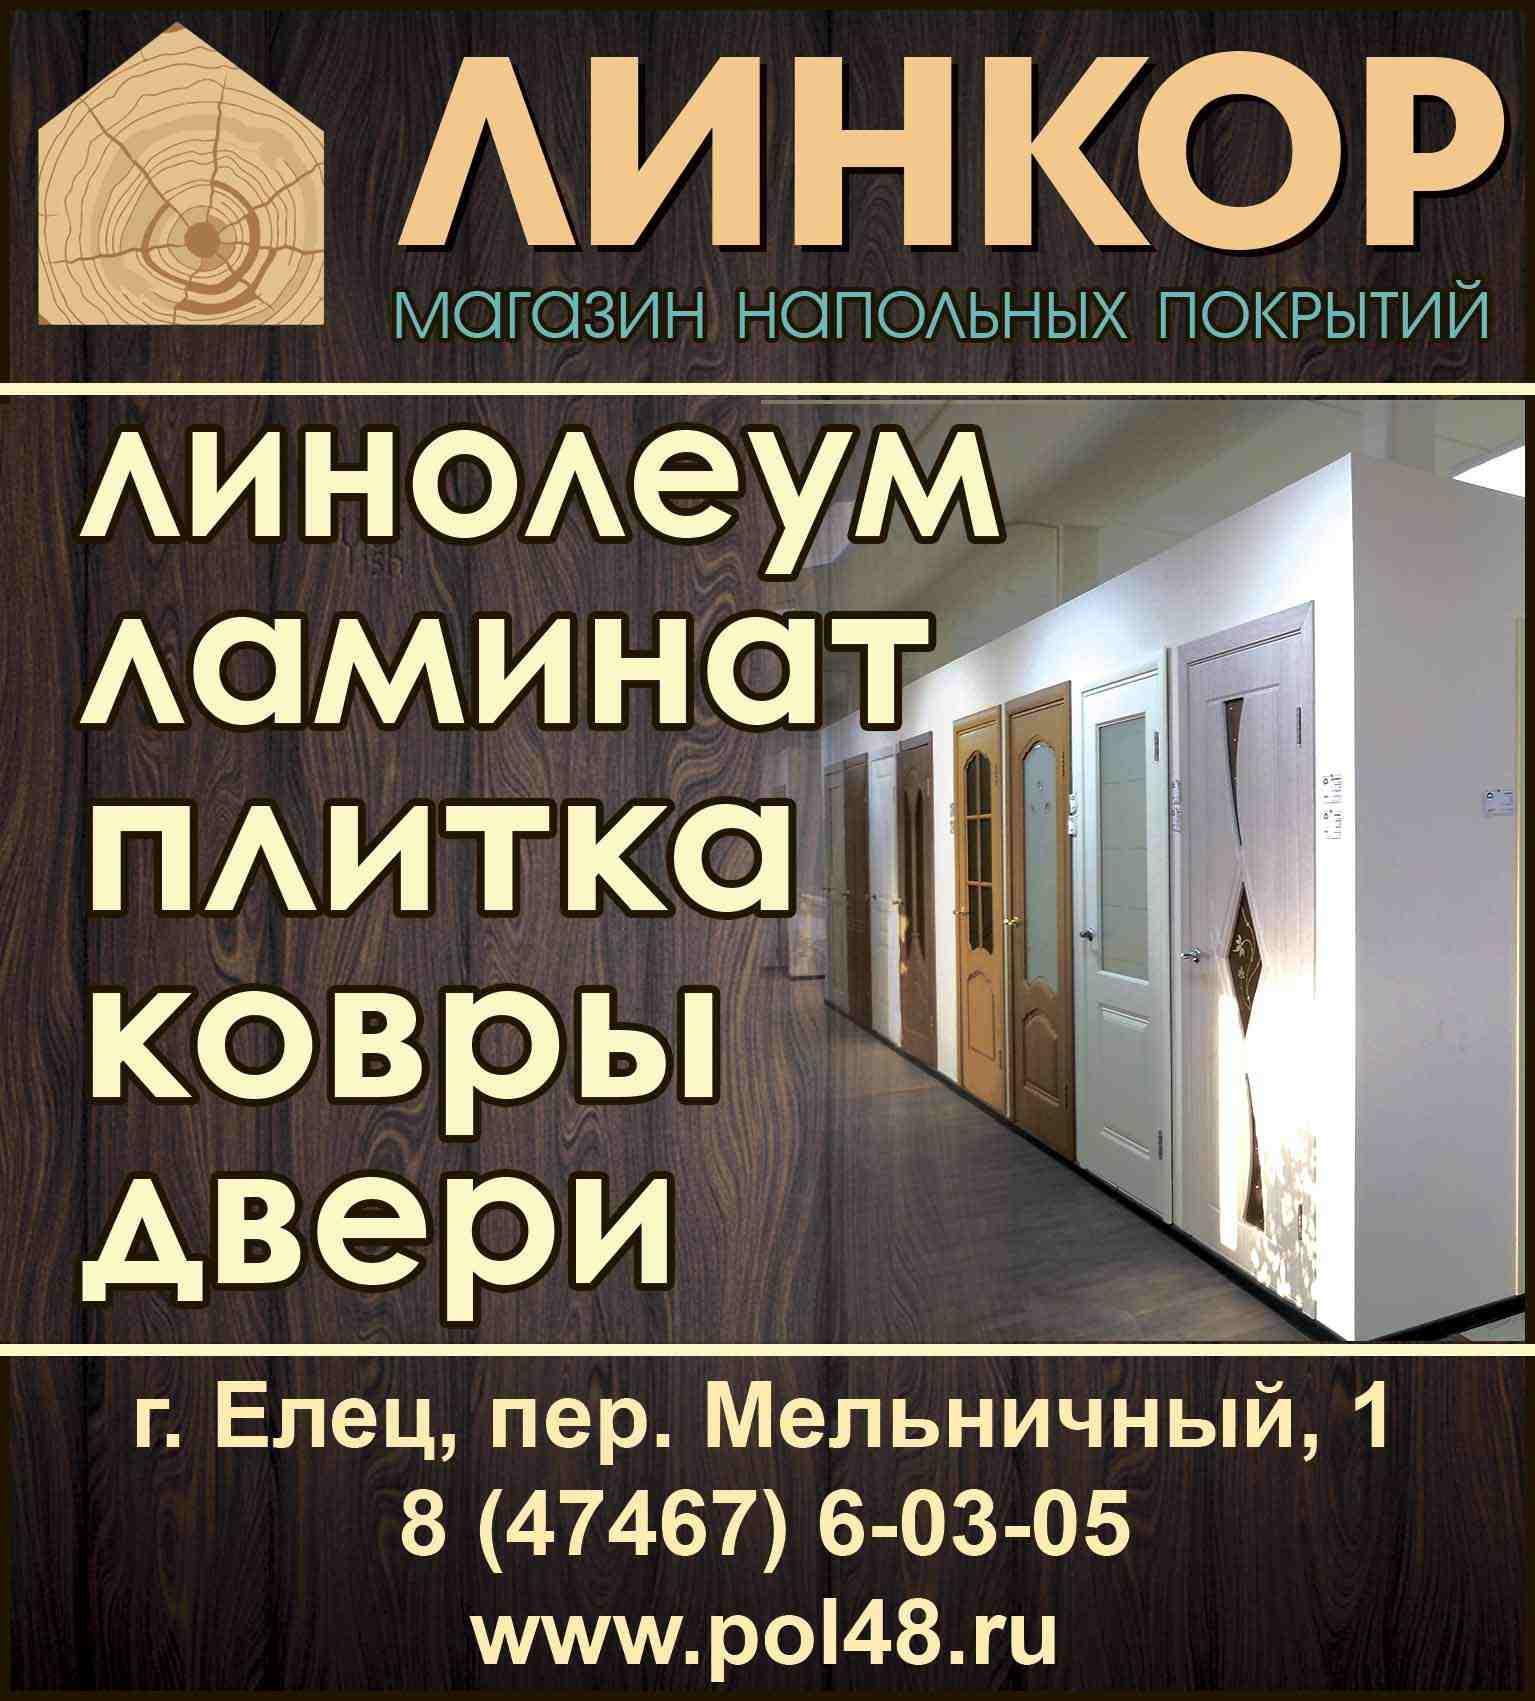 ЛИНКОР г. Елец, пер. Мельничный, 1 Тел. 8 (474) 676-03-05